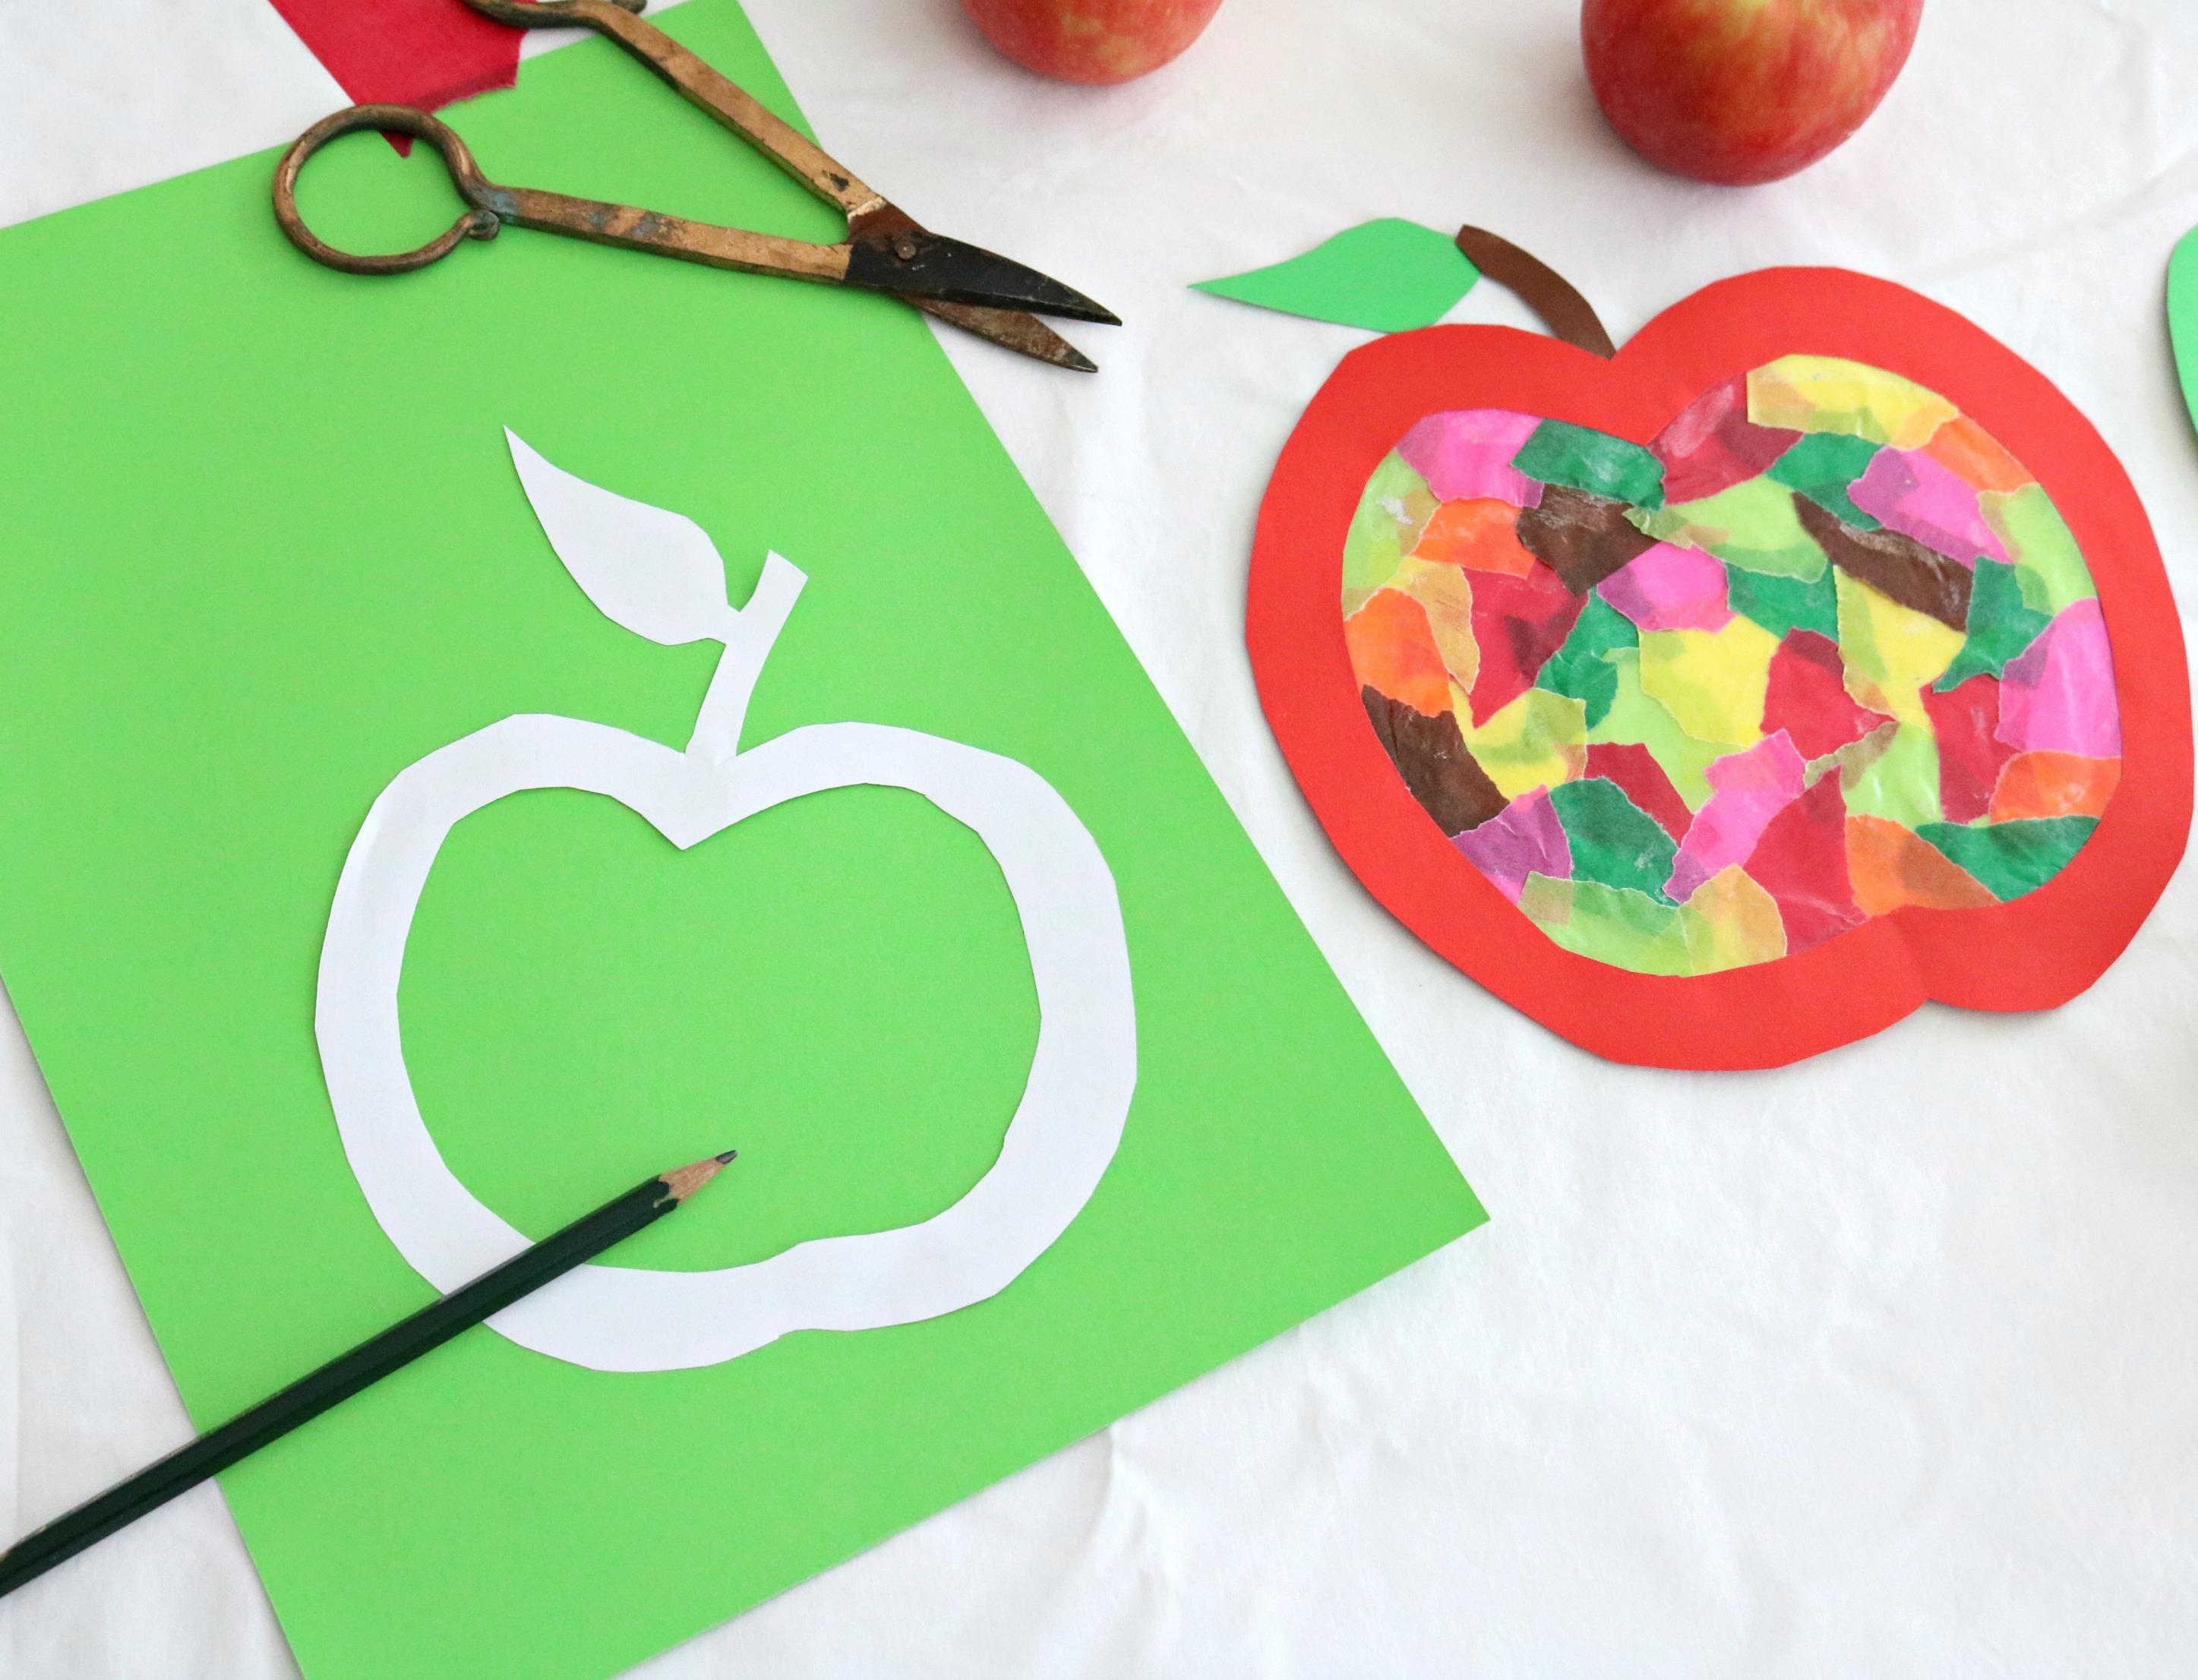 Anleitung Apfelfensterbild